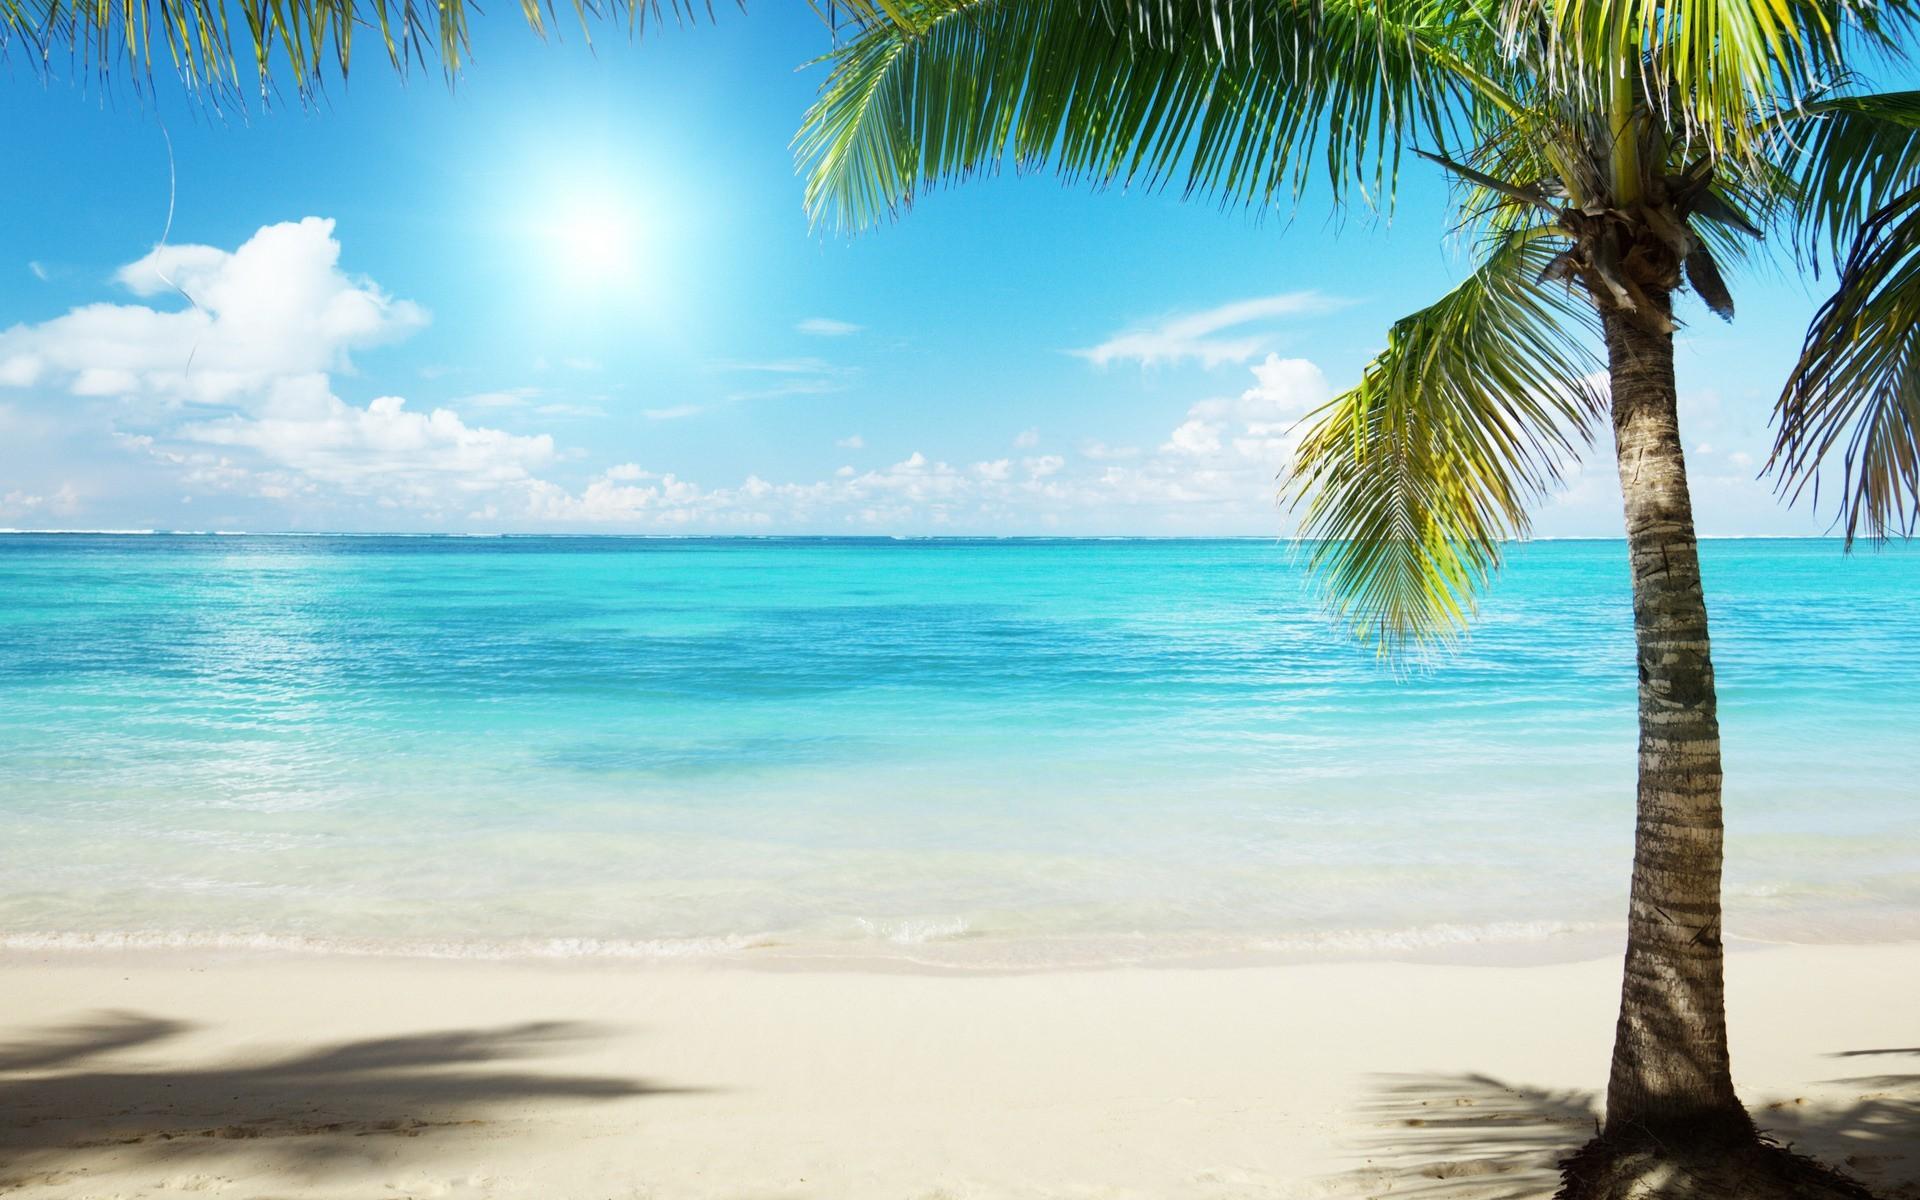 Sunny Day on a Beach